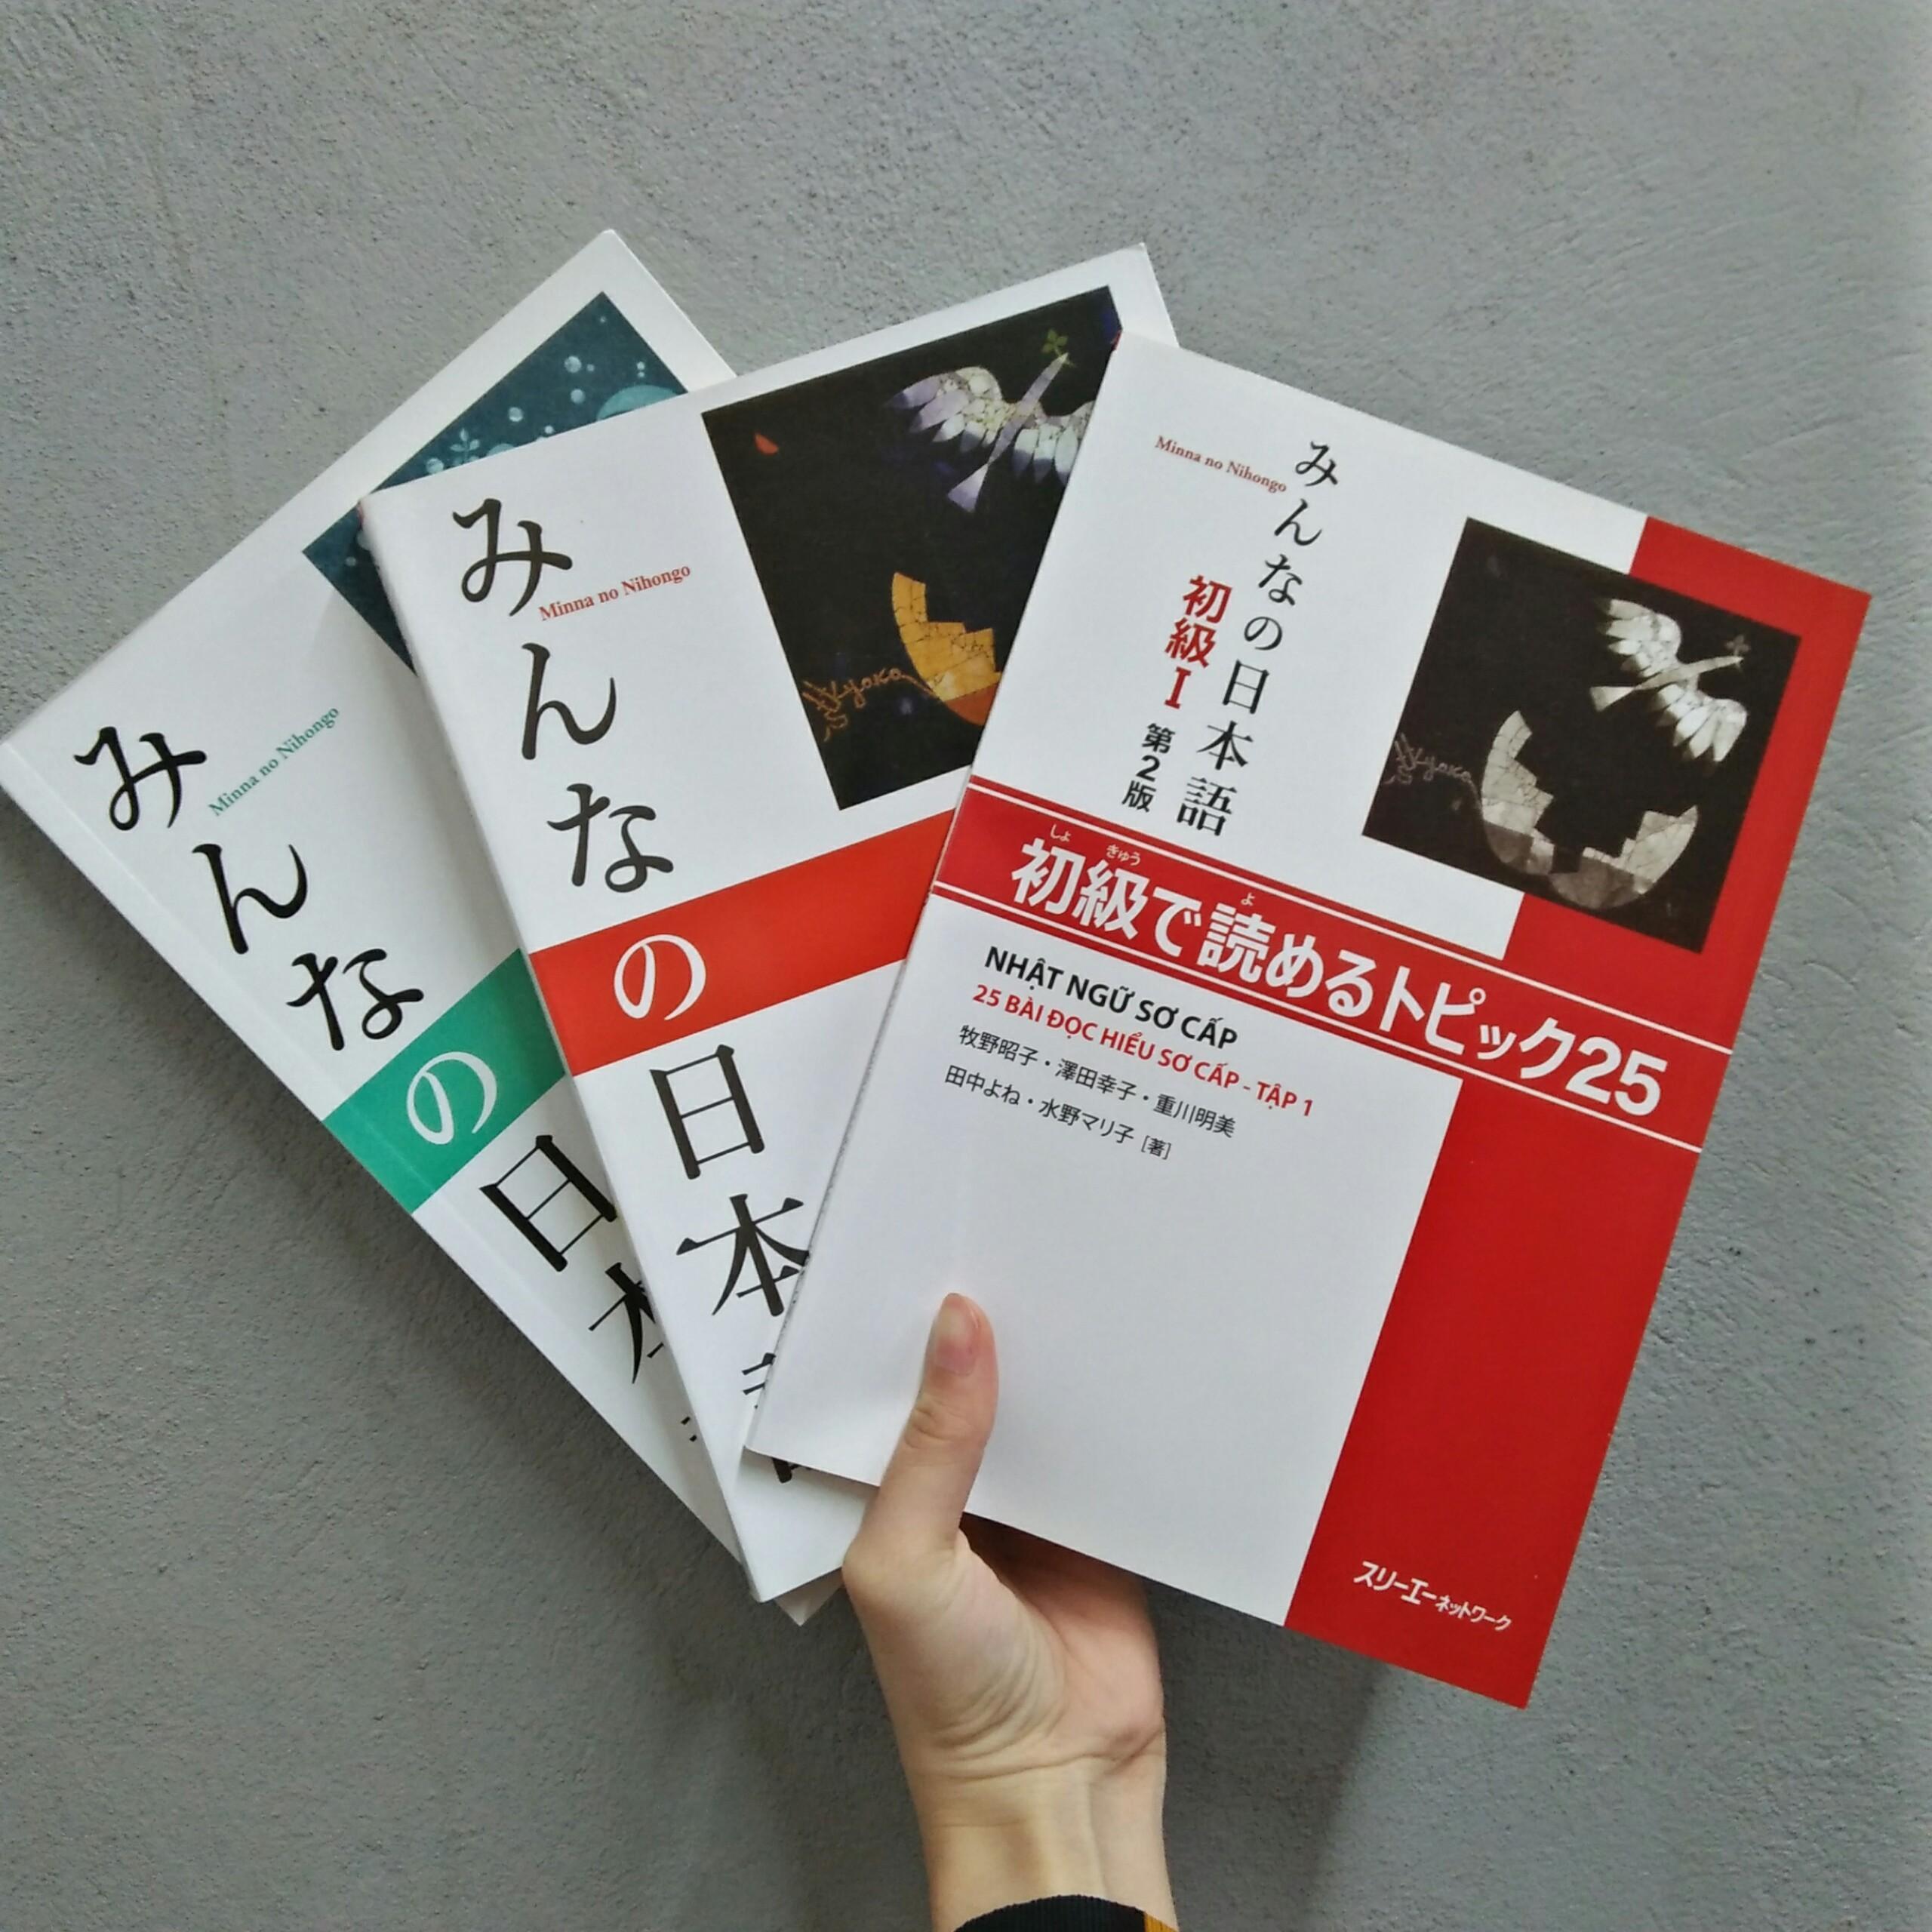 Sách Tiếng Nhật - Bộ Minna No Nihongo Sơ Cấp 1 Bản Mới (3 Cuốn) Có Giá Rất Tốt